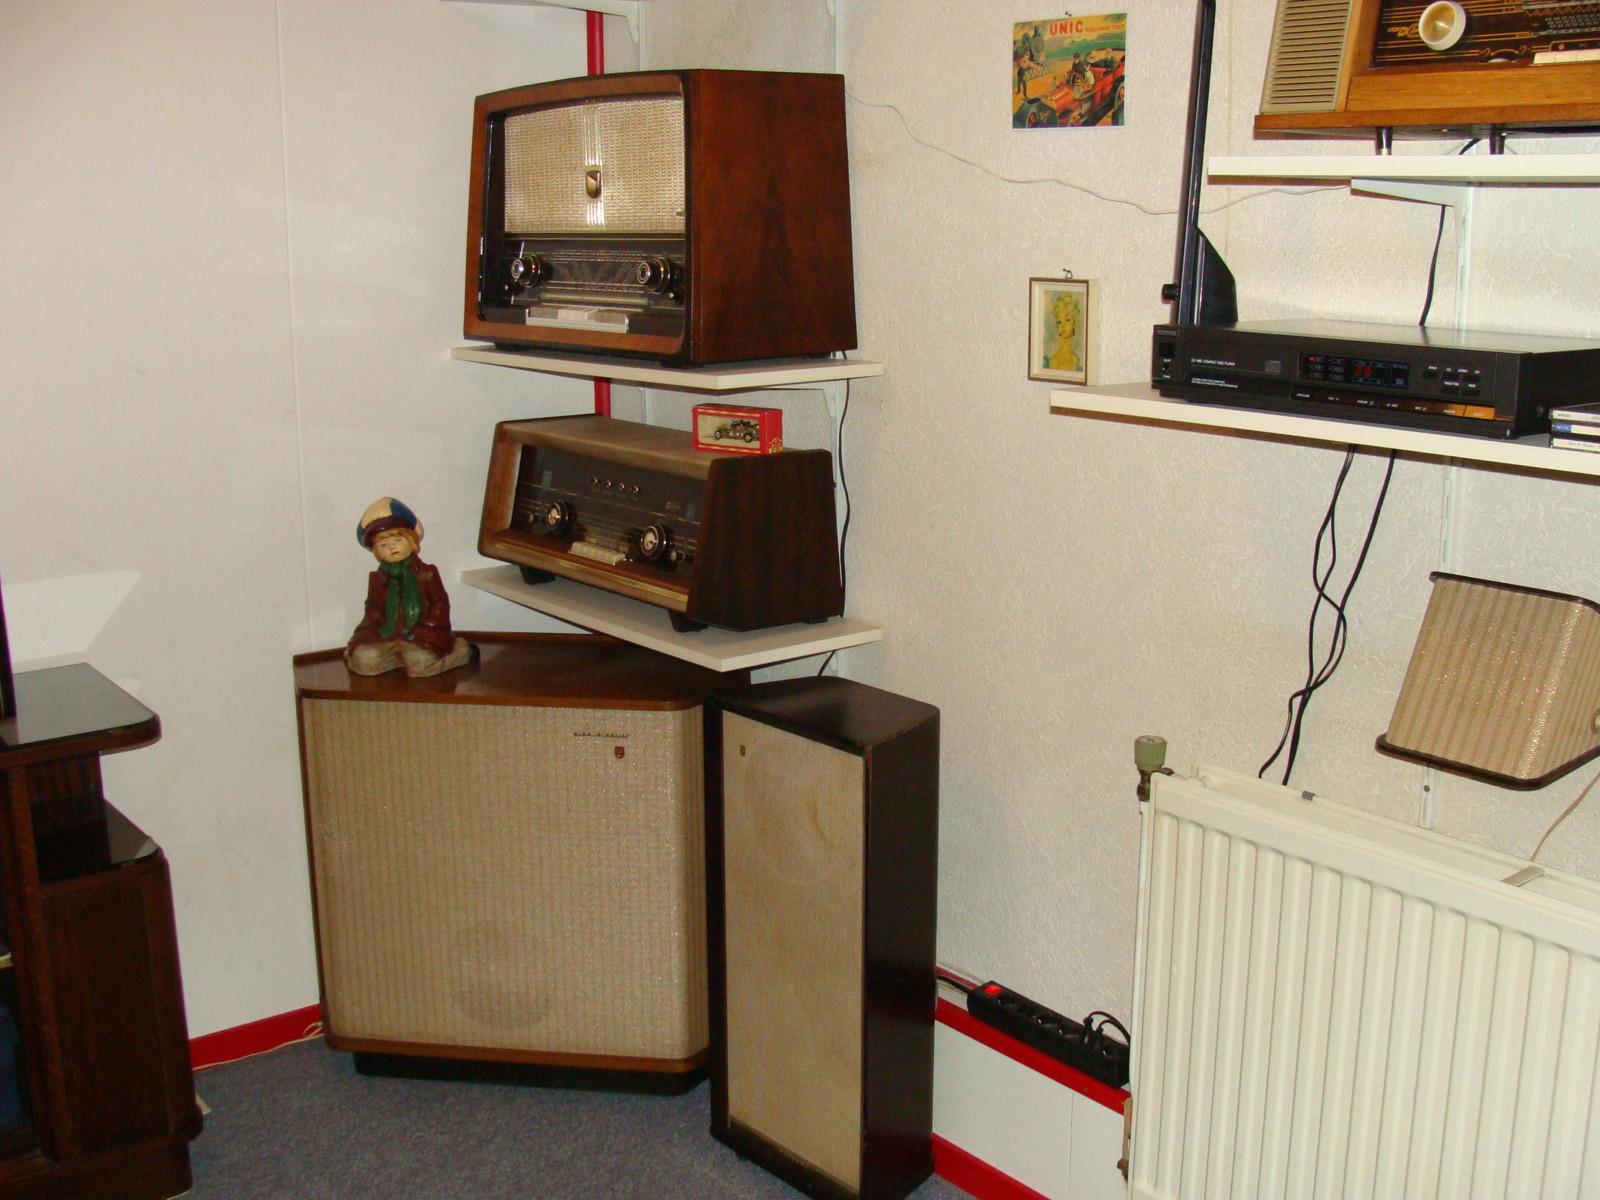 Tijdelijke inrichting kamer zestiger jaren spullen buizenradioclub - Kamer inrichting ...